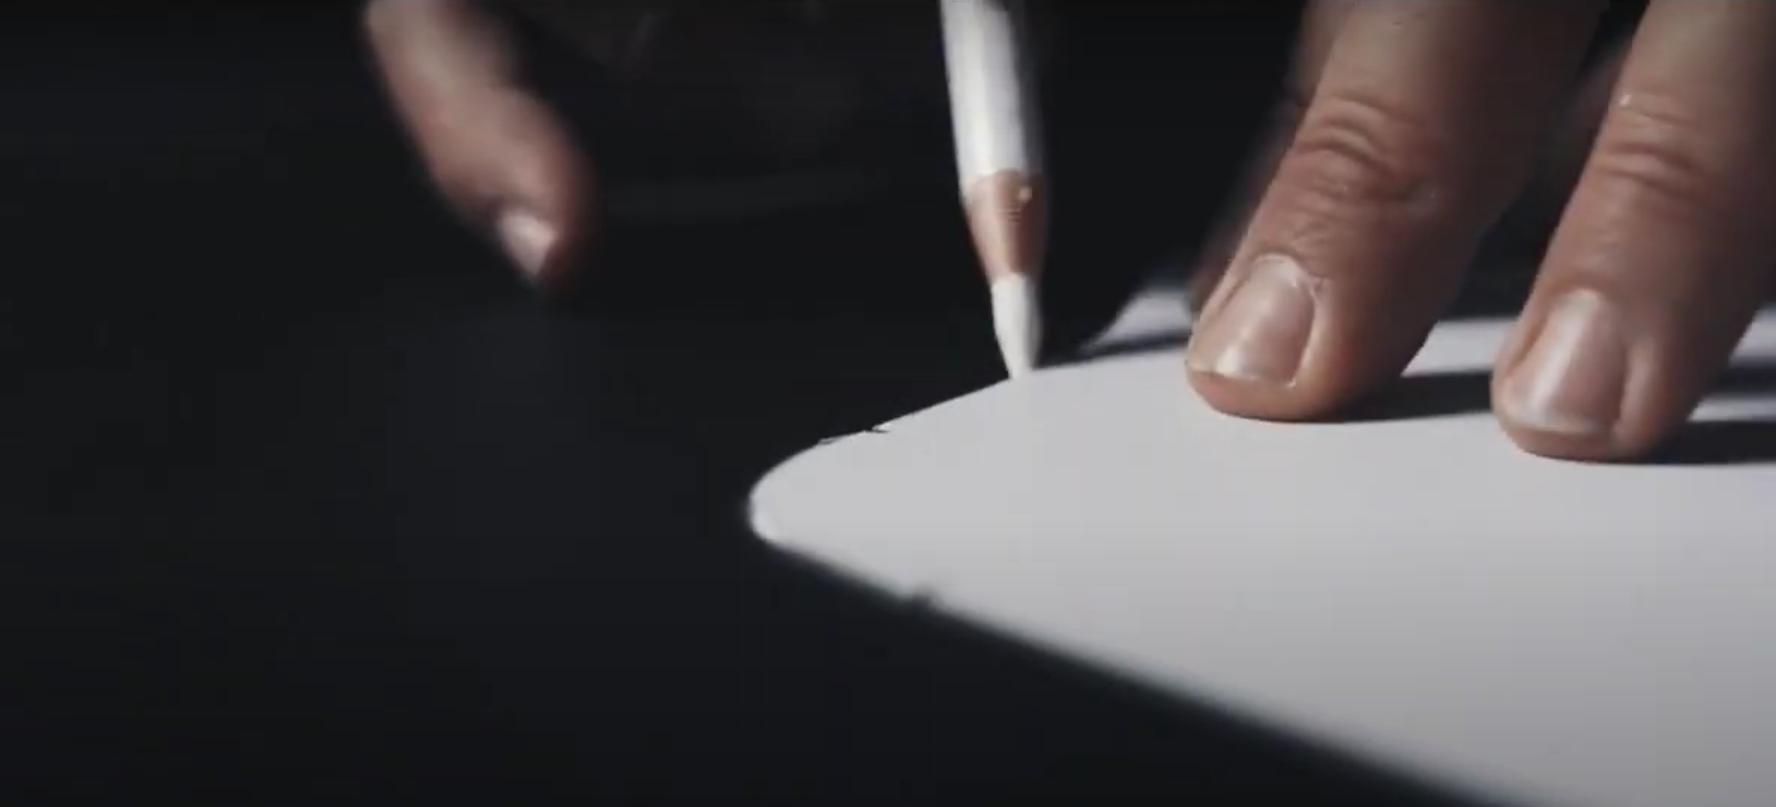 Фирма Lamborghini выложила в Твиттере короткий ролик, демонстрирующий старинные приборы и процесс обивки кожей винтажного автомобильного интерьера.